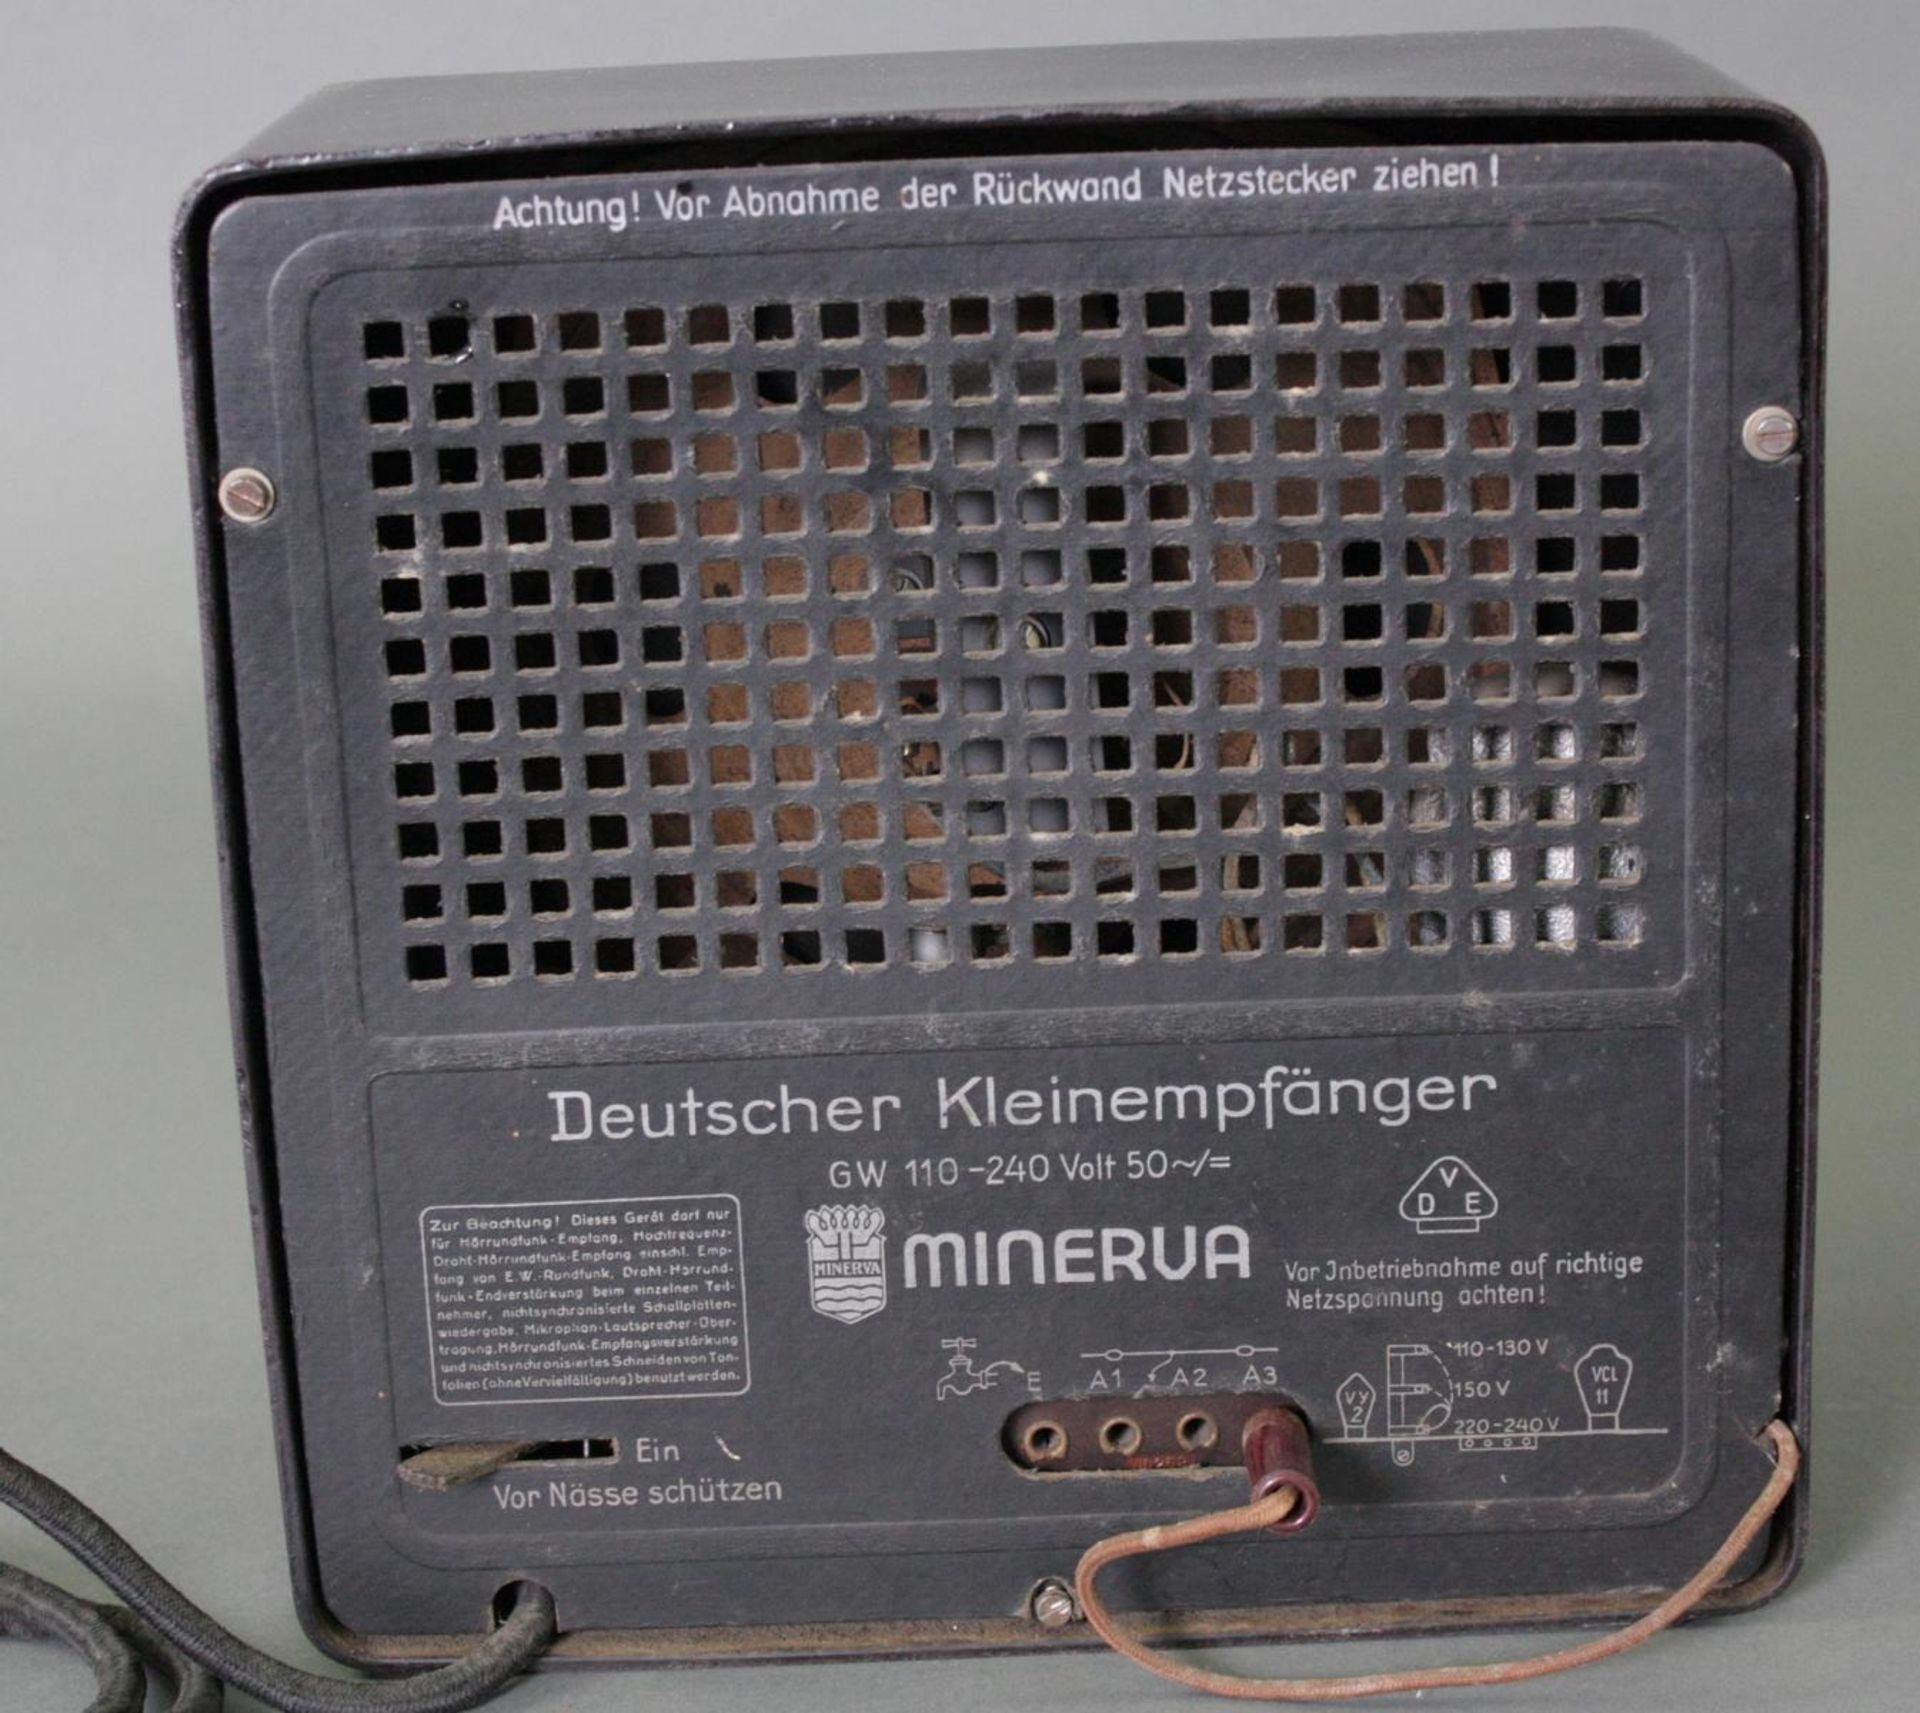 Deutscher Kleinempfänger Modell GW 110, DKE 1938 - Bild 3 aus 3